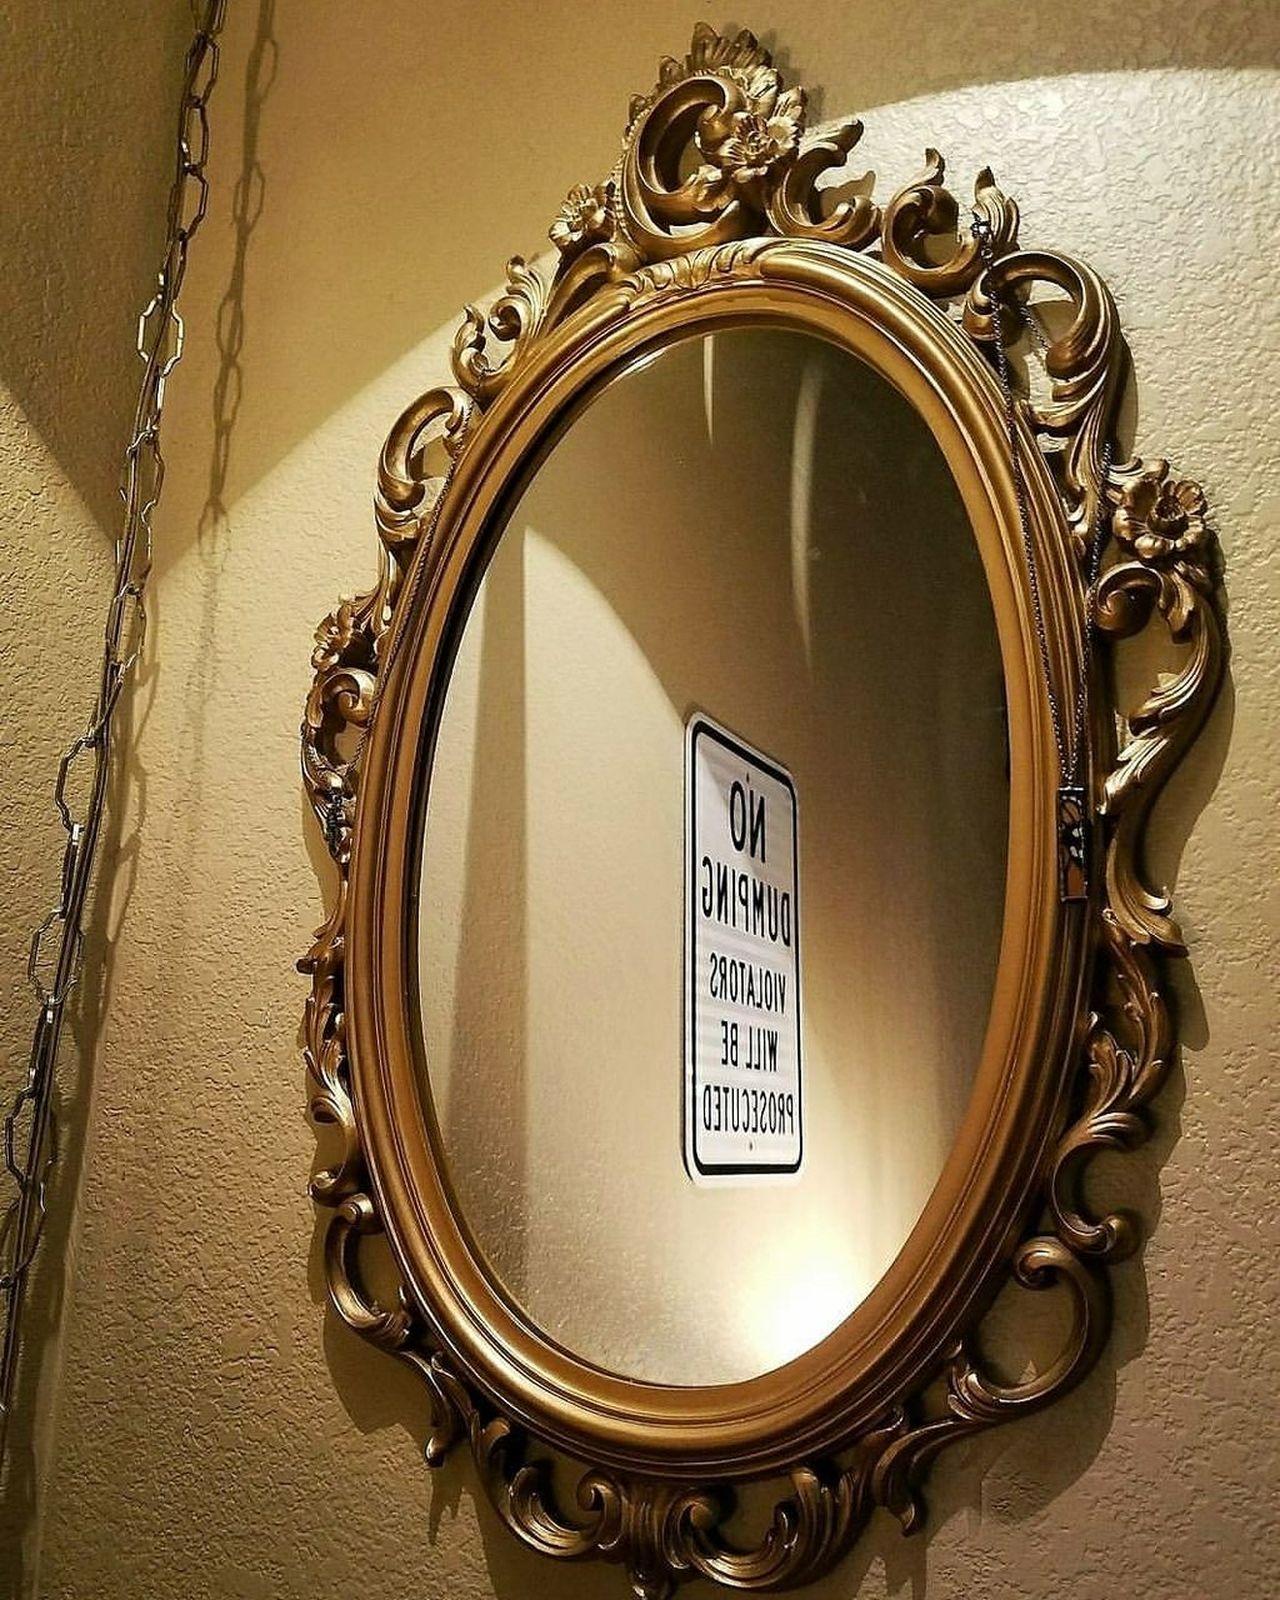 Gold Antique Vintage Mirror Interior Design Interior Style Interior Decoration Wall Home BestEyeemShots EyeEm Best Shots EyeEm Vision Premium Collection EyeEm Masterclass EyeEmBestEdits